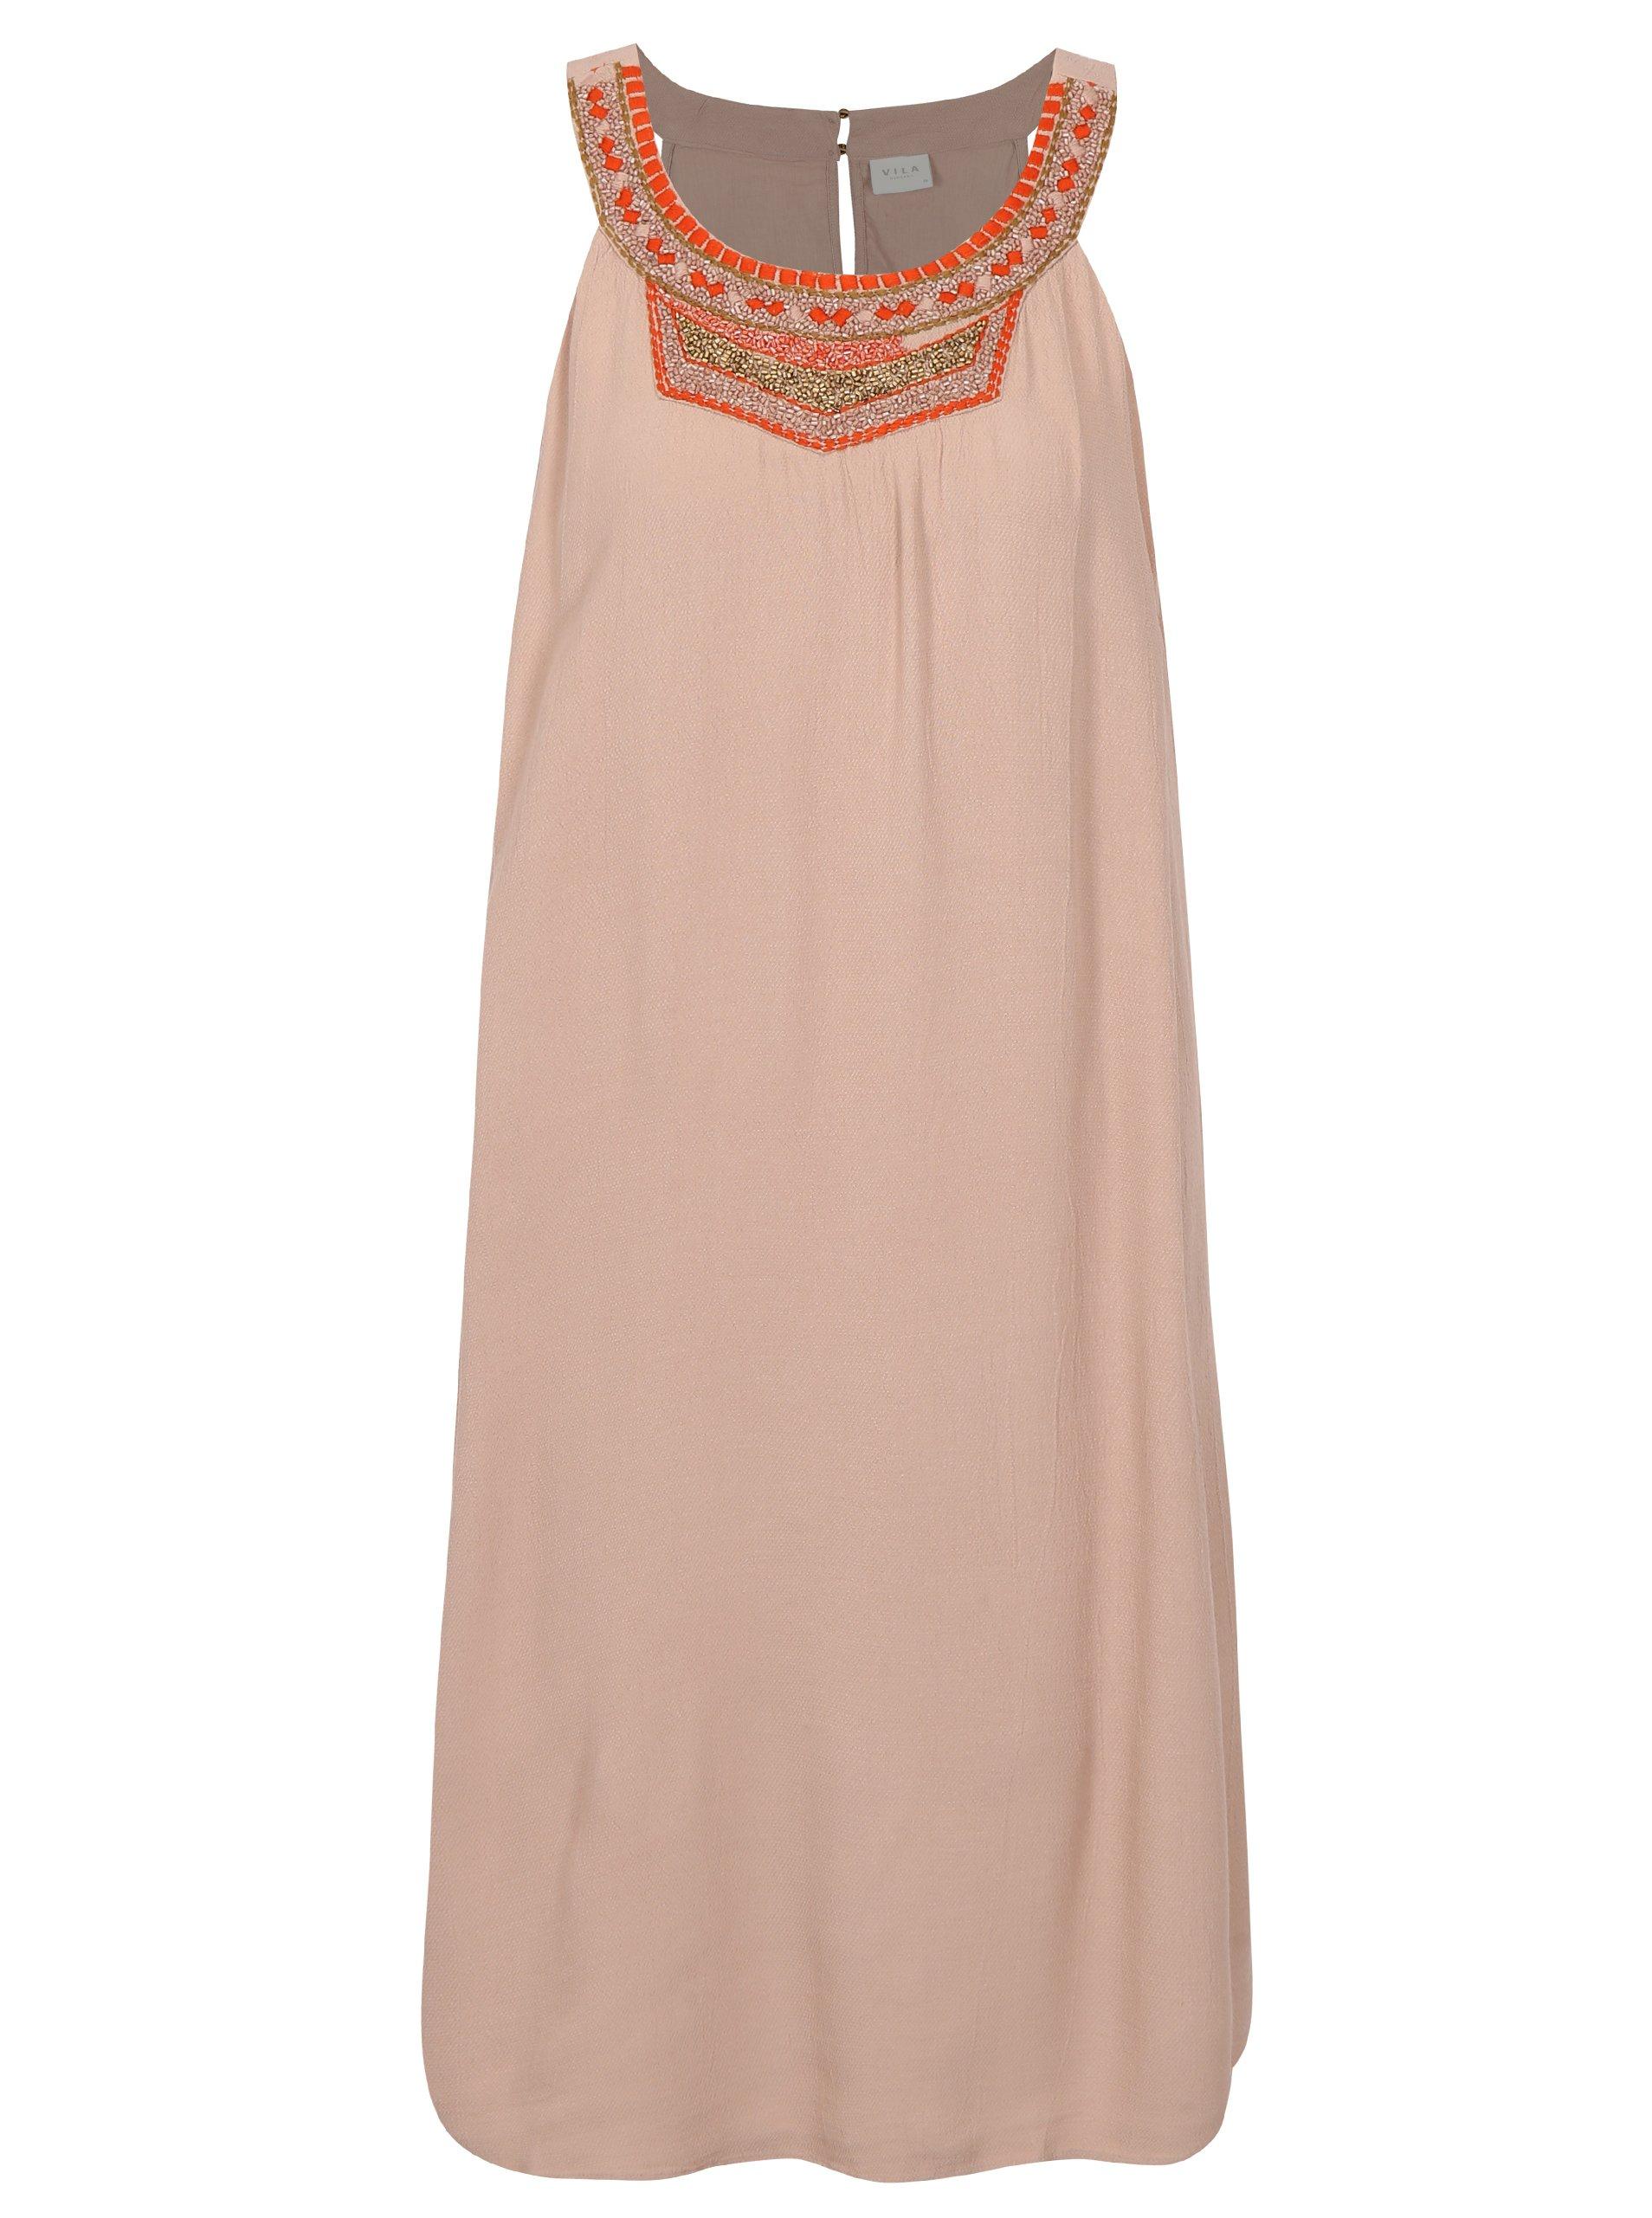 Staroružové šaty s ozdobnými korálkami VILA Asha